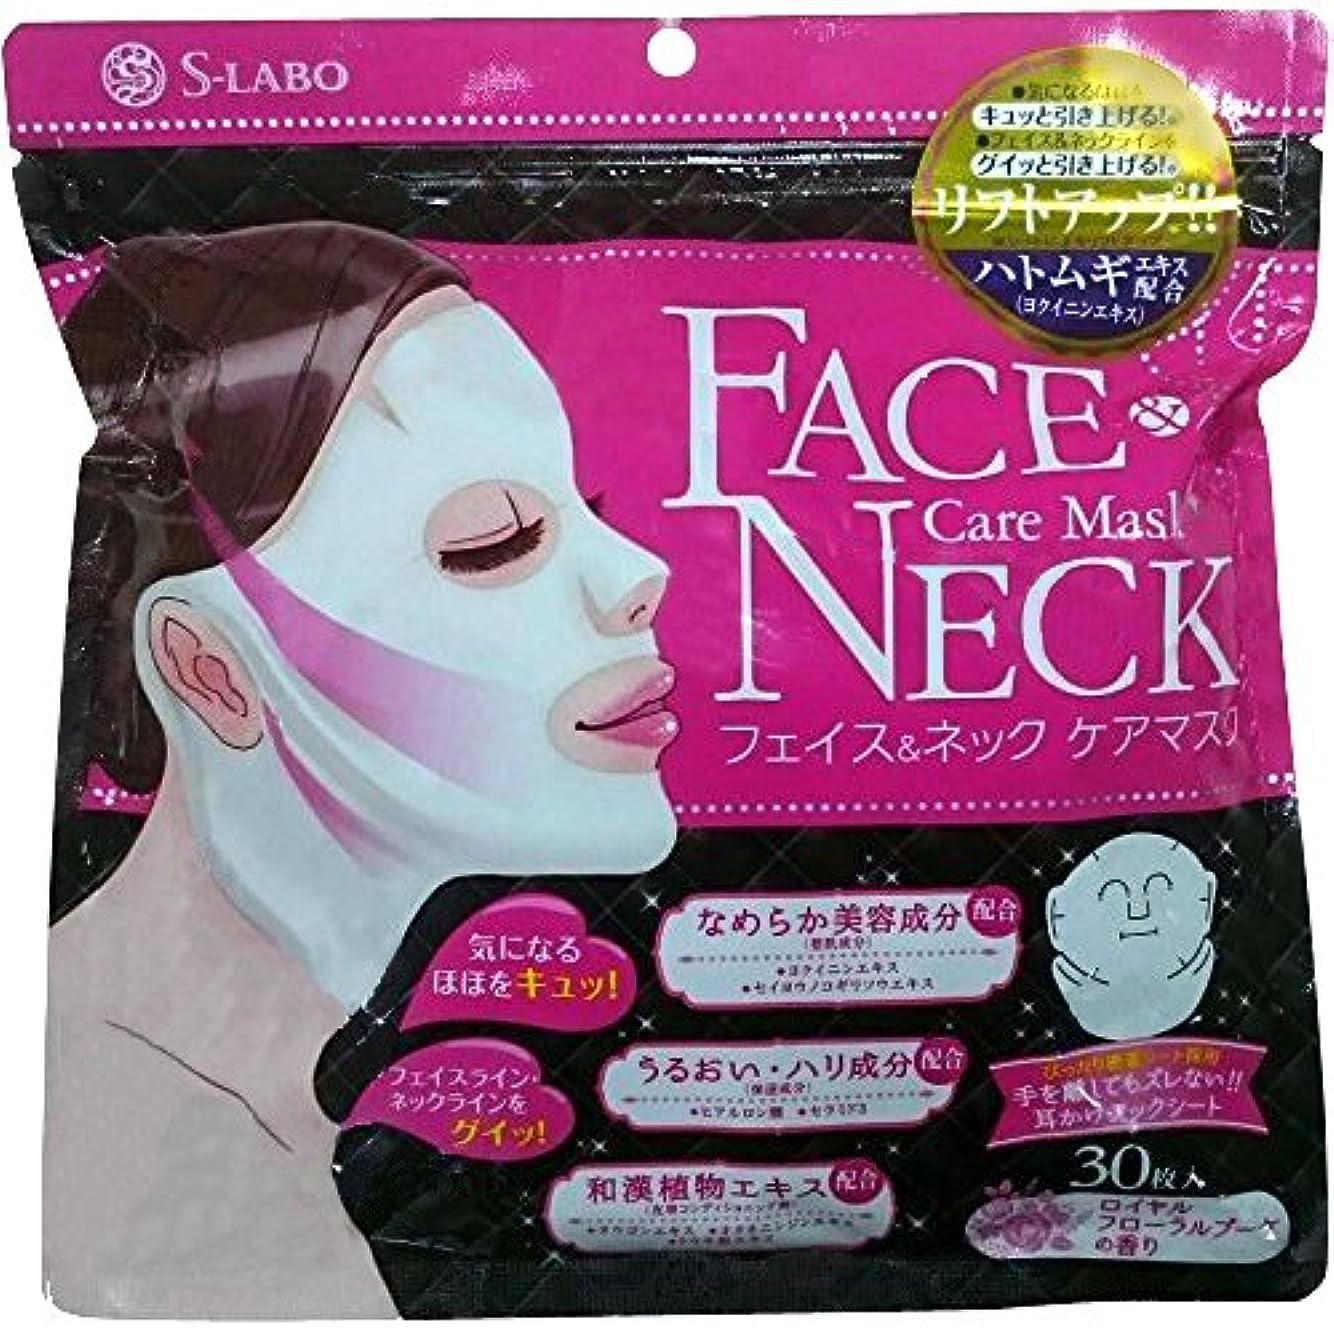 調停者寛容なびっくりするS-LABO フェイス & ネックケアマスク (30枚入)